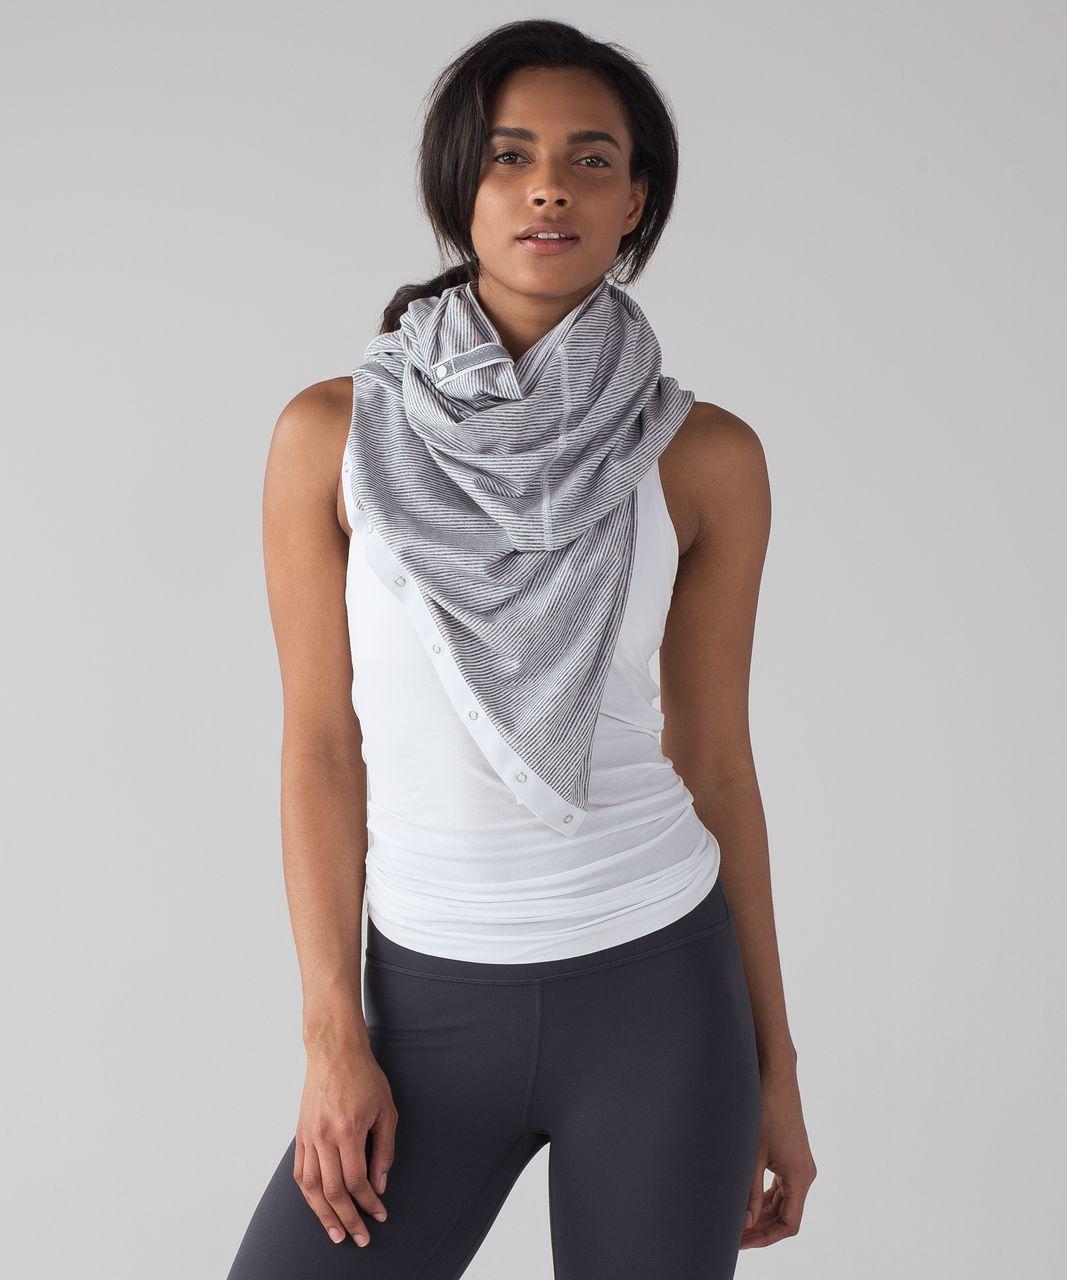 lululemon vinyasa scarf rulu tonka stripe heathered